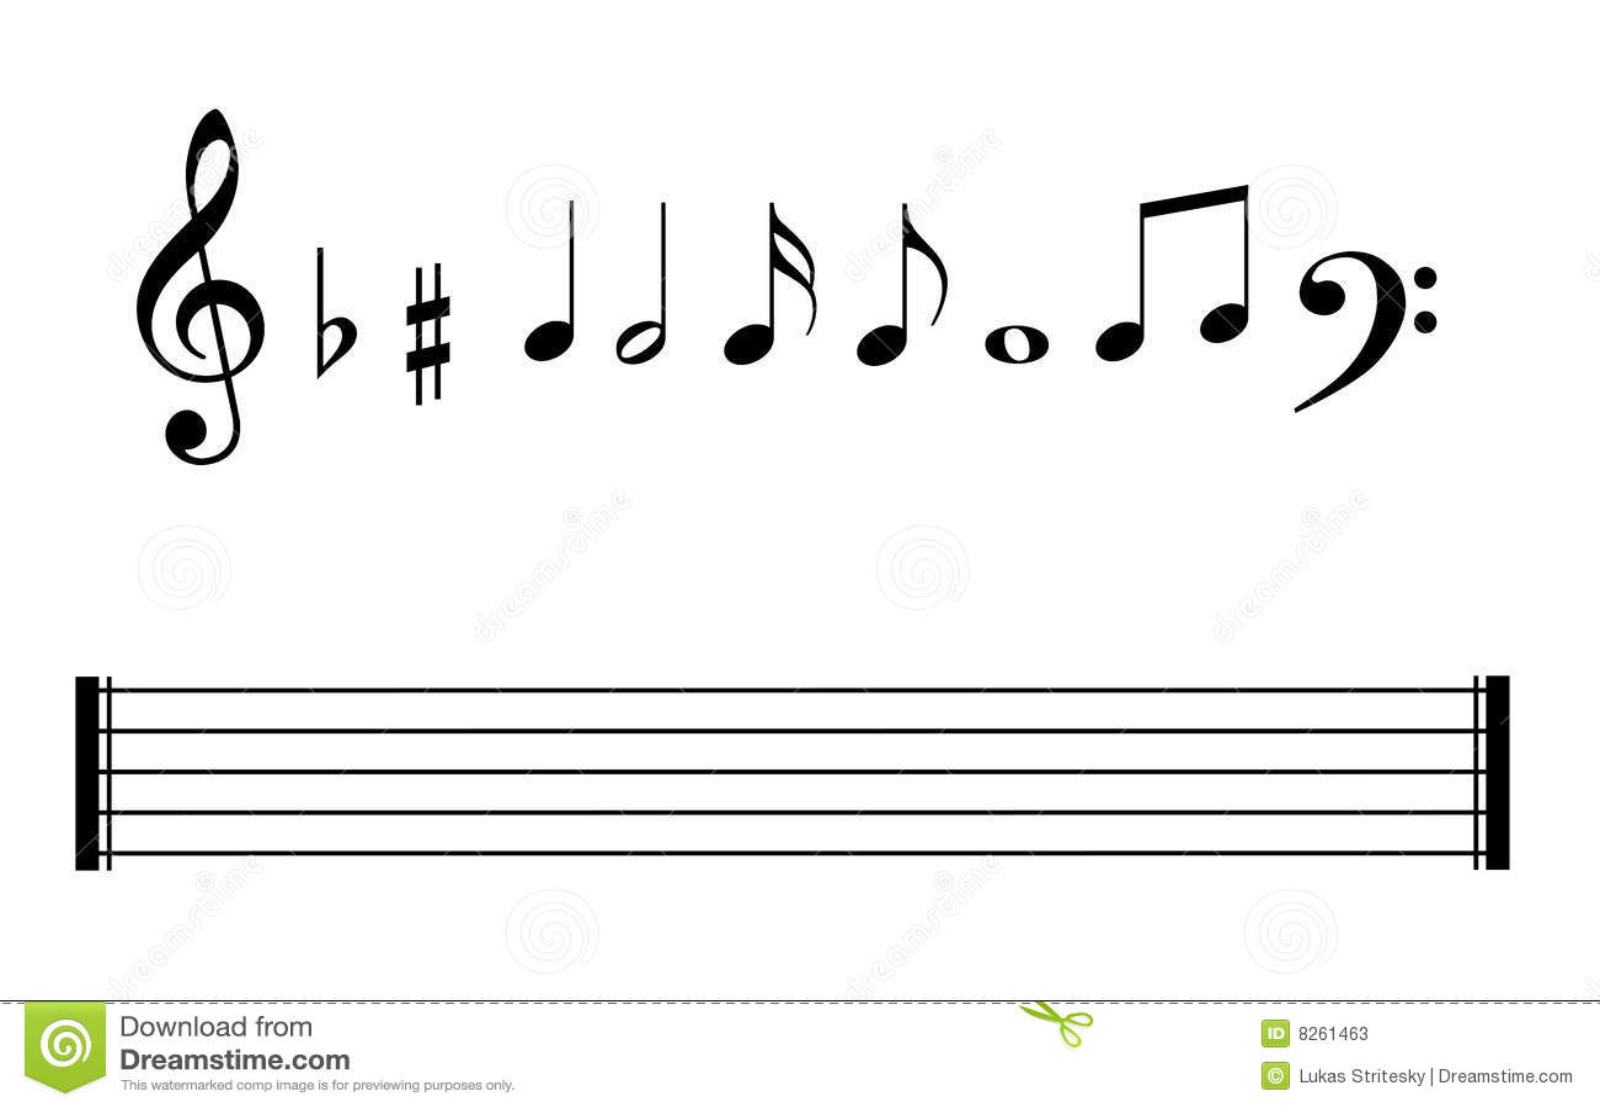 Jogo De Staves Das Notas Musicais E De Linhas Da Nota